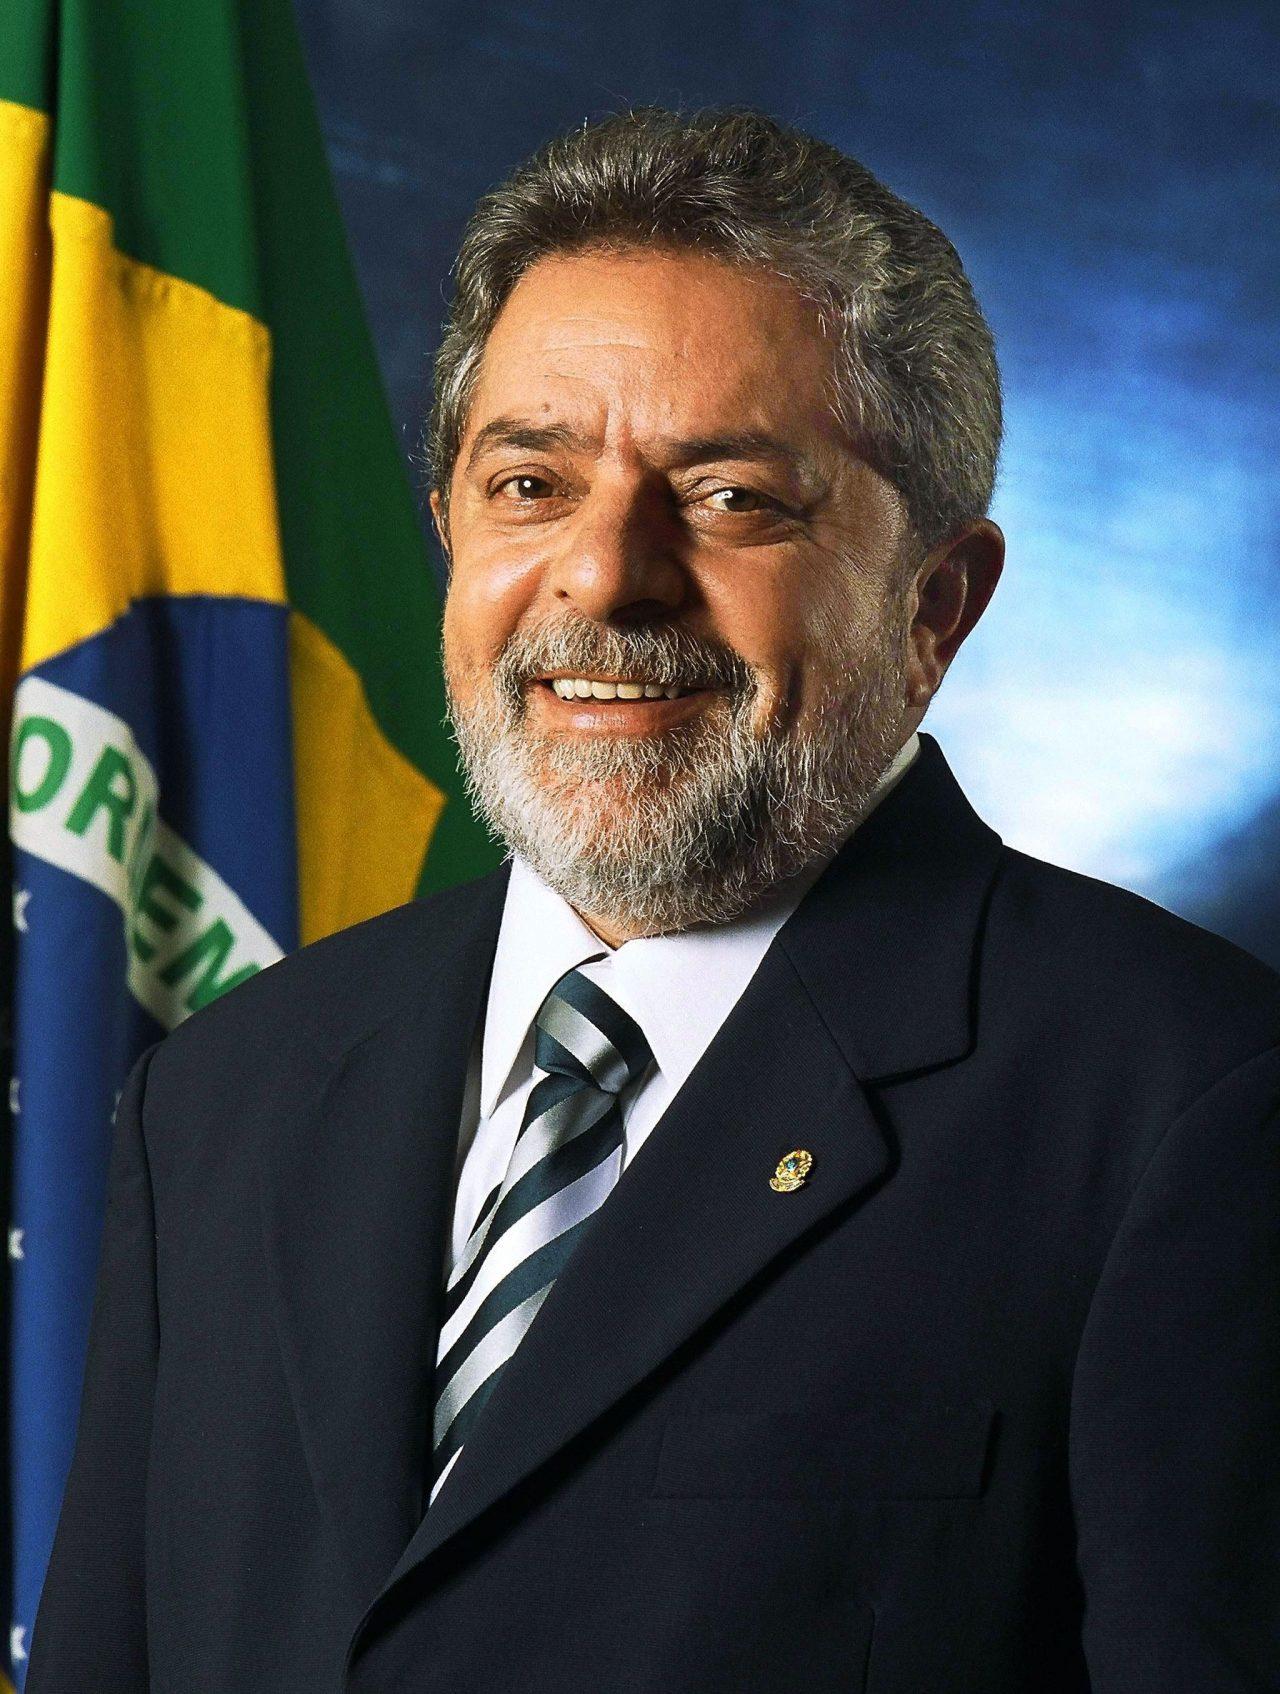 Luiz_Inácio_Lula_da_Silva-1280x1694.jpg